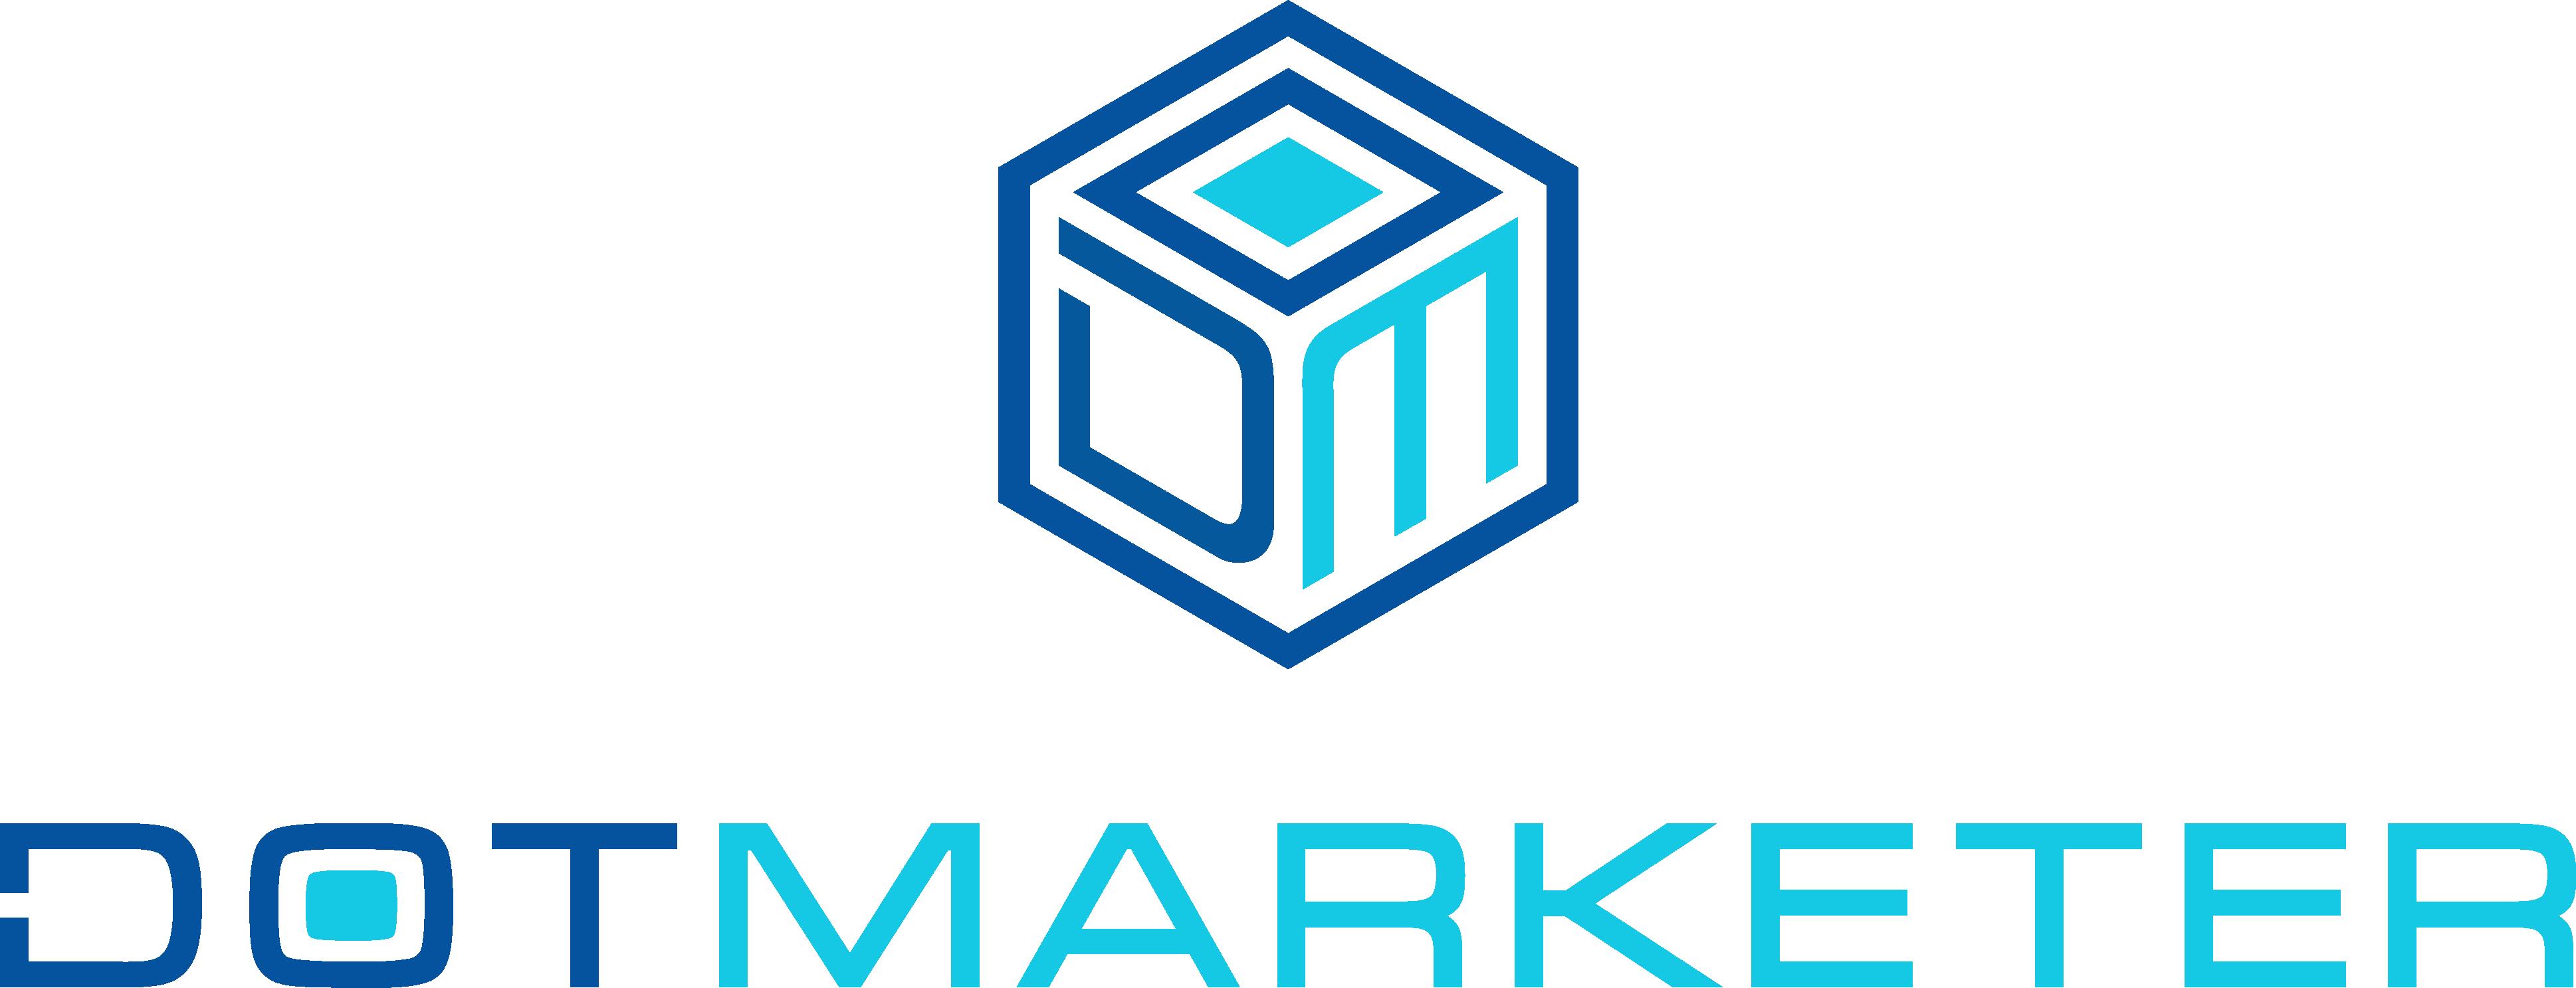 Design a sleek, modern new logo for Dotmarketer